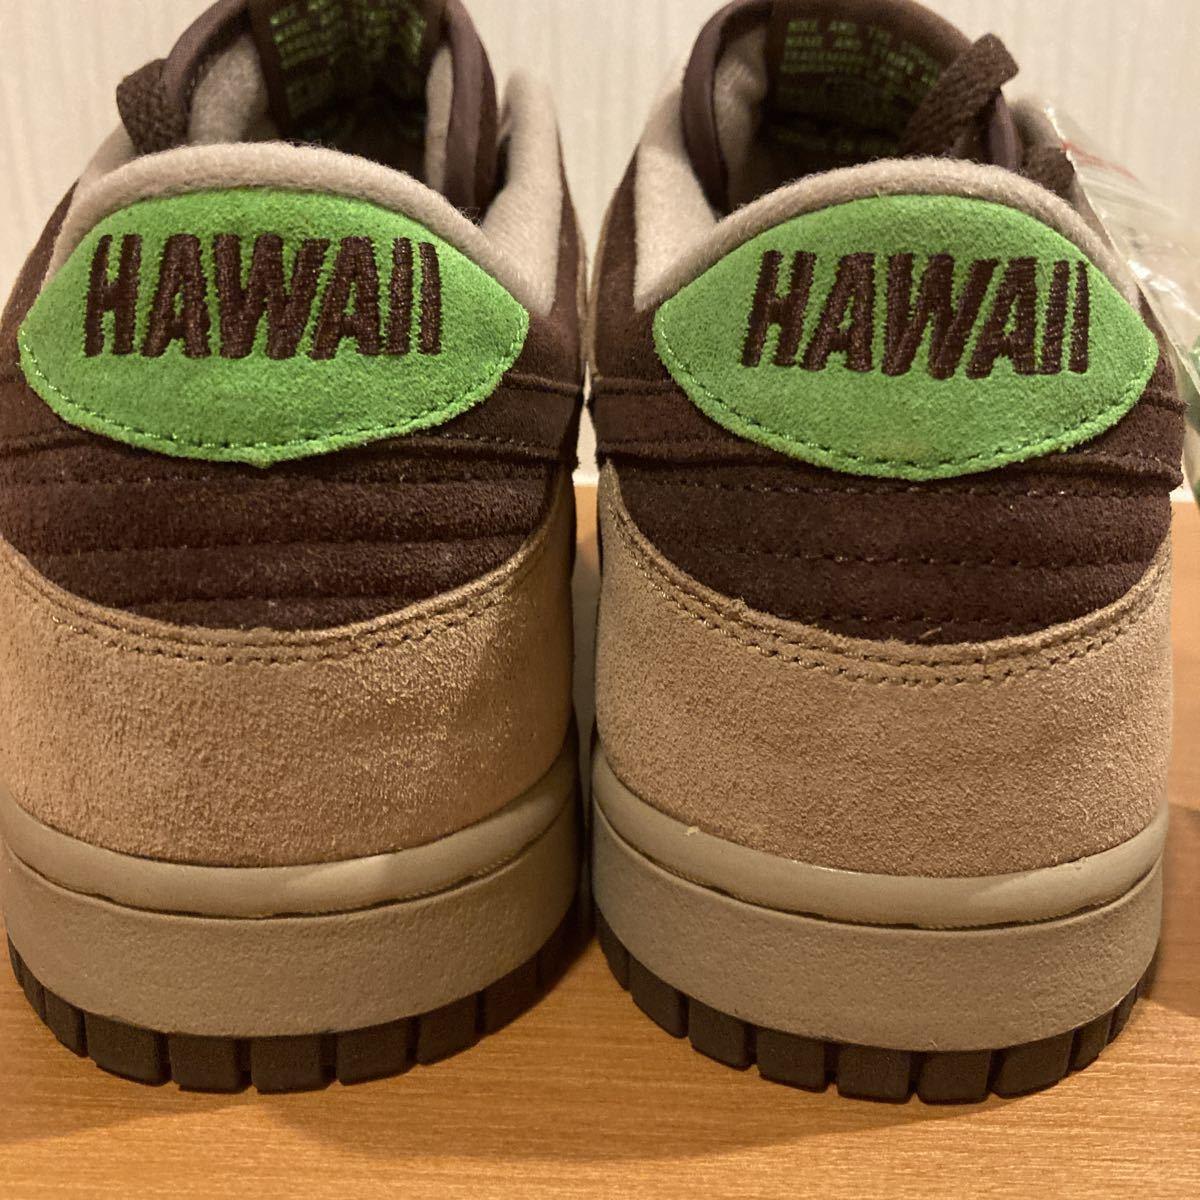 未使用 NIKE DUNK LOW KICKS HAWAII US11.5 29.5cm 送料込 ナイキ ダンク キックス ハワイ 未使用 AIR kicks hi (sbjordan_画像4